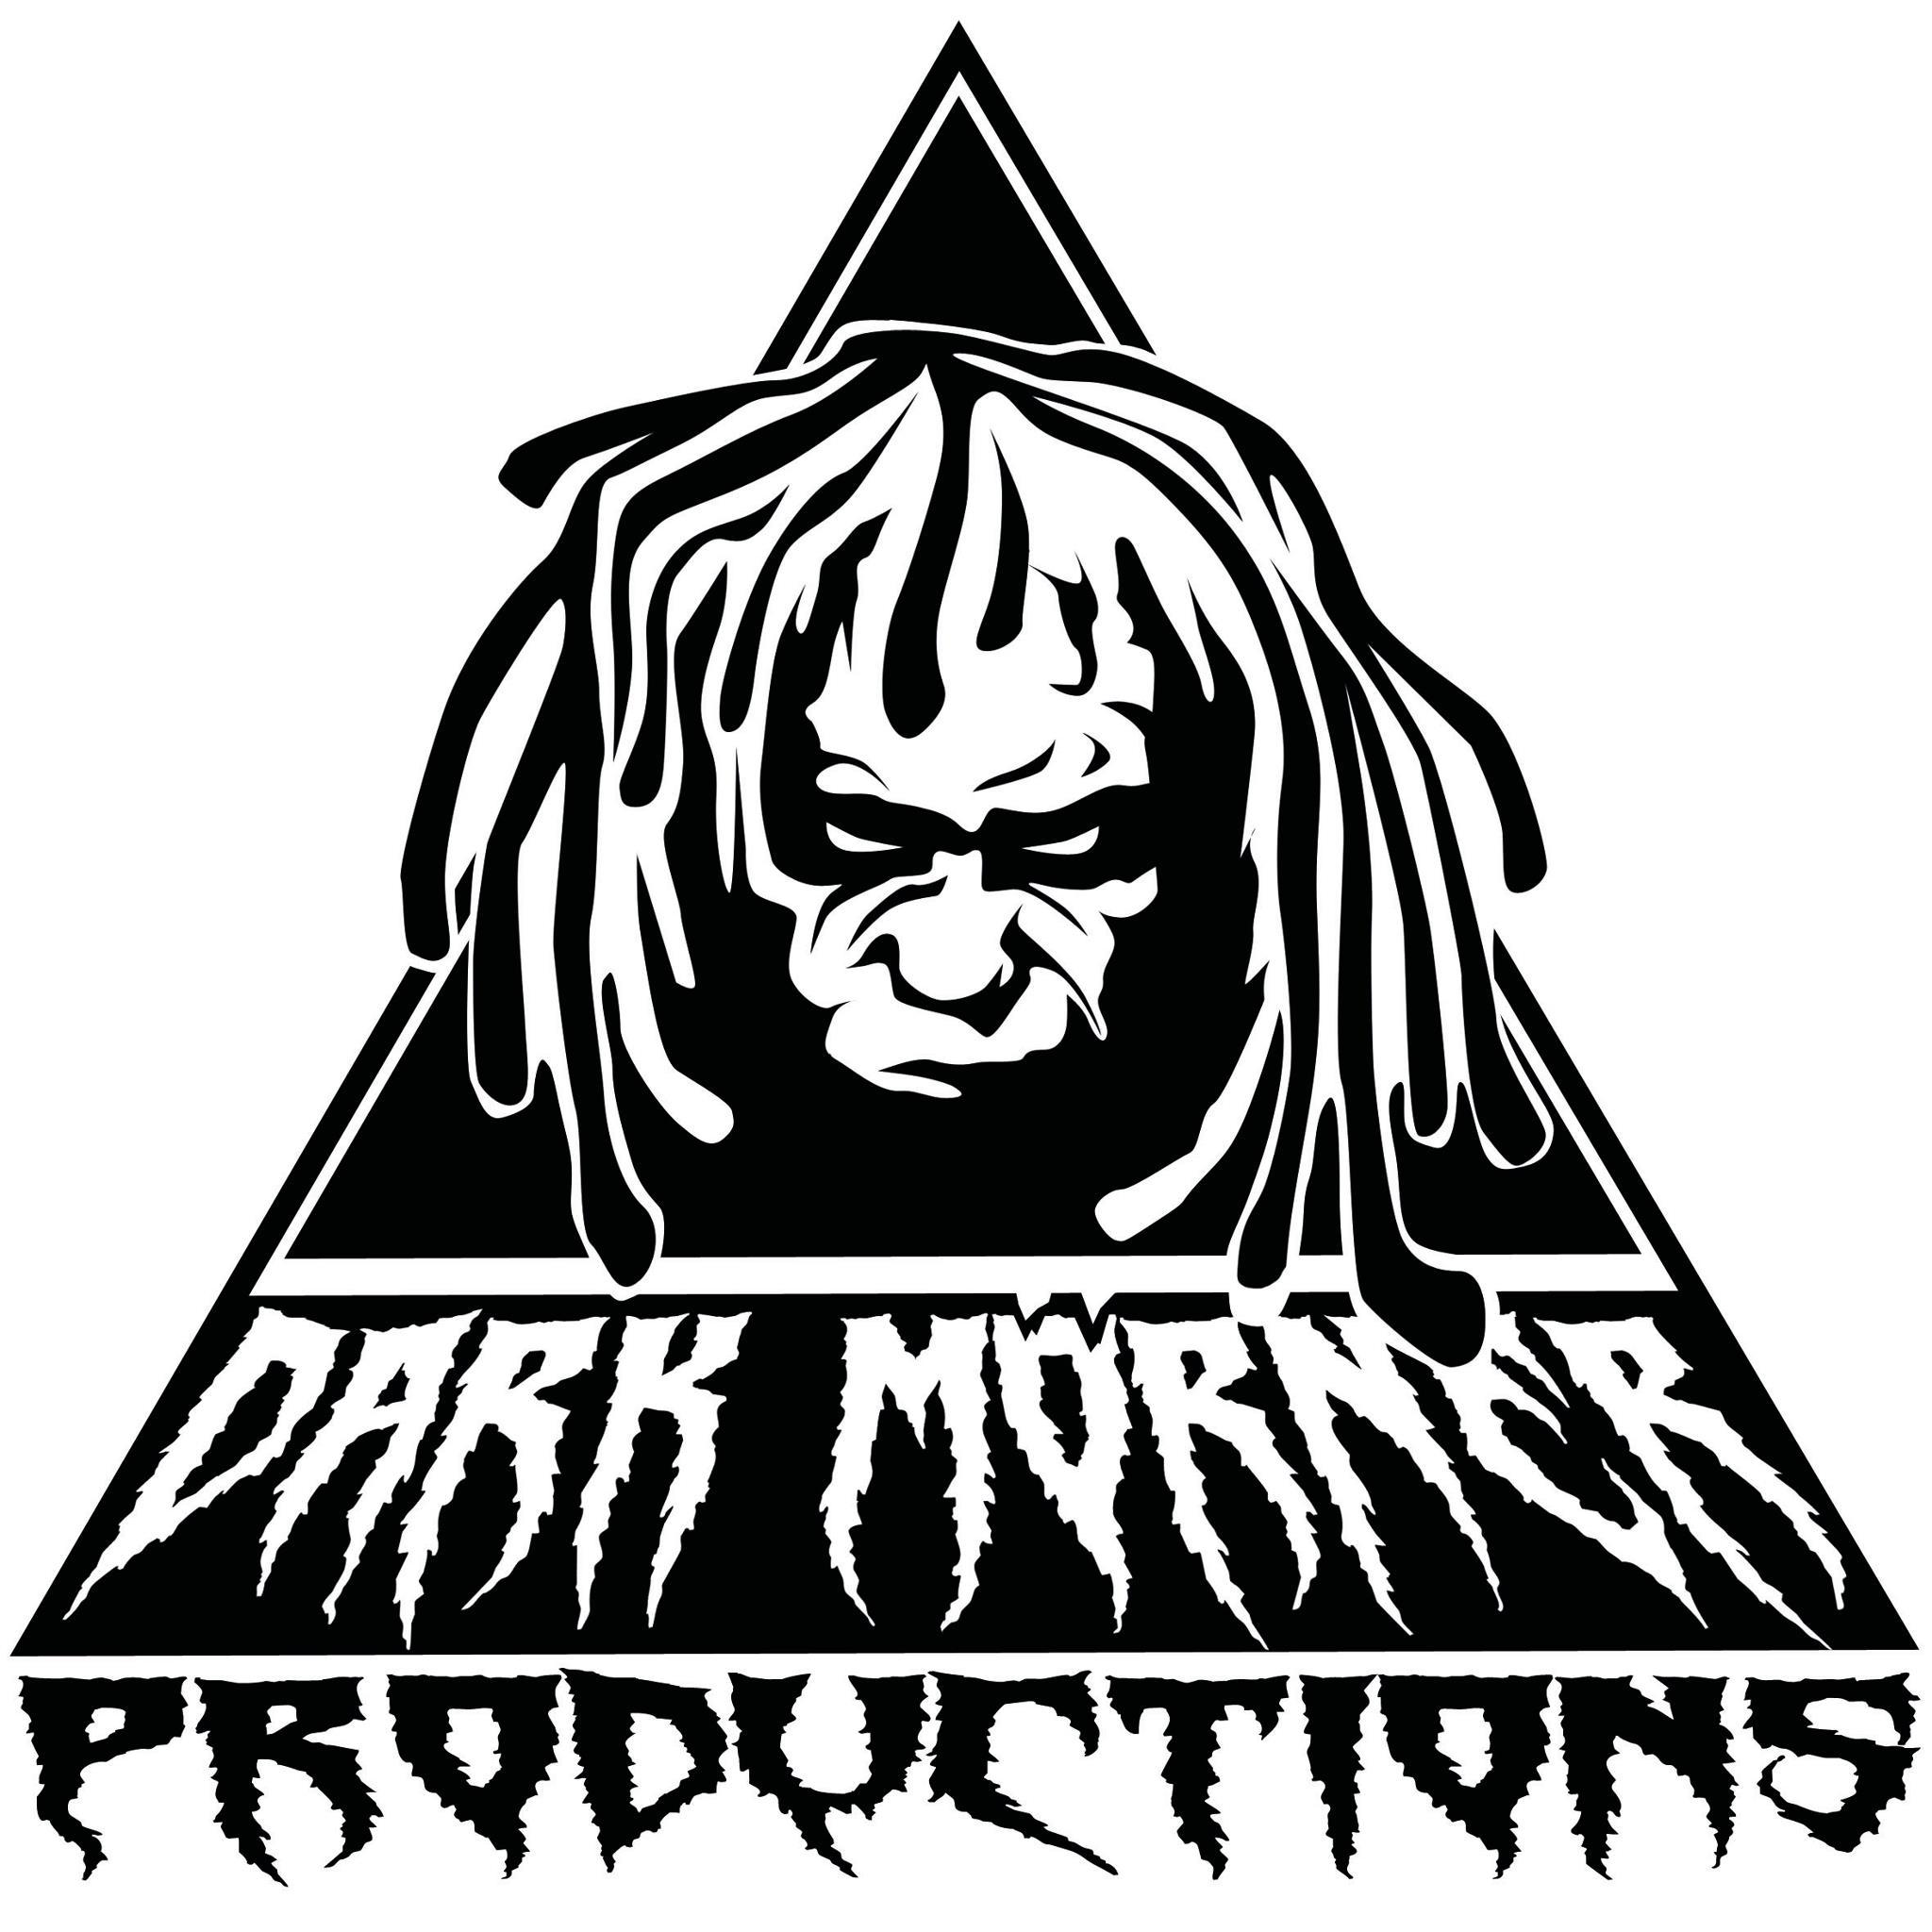 Dark Mörner Productions